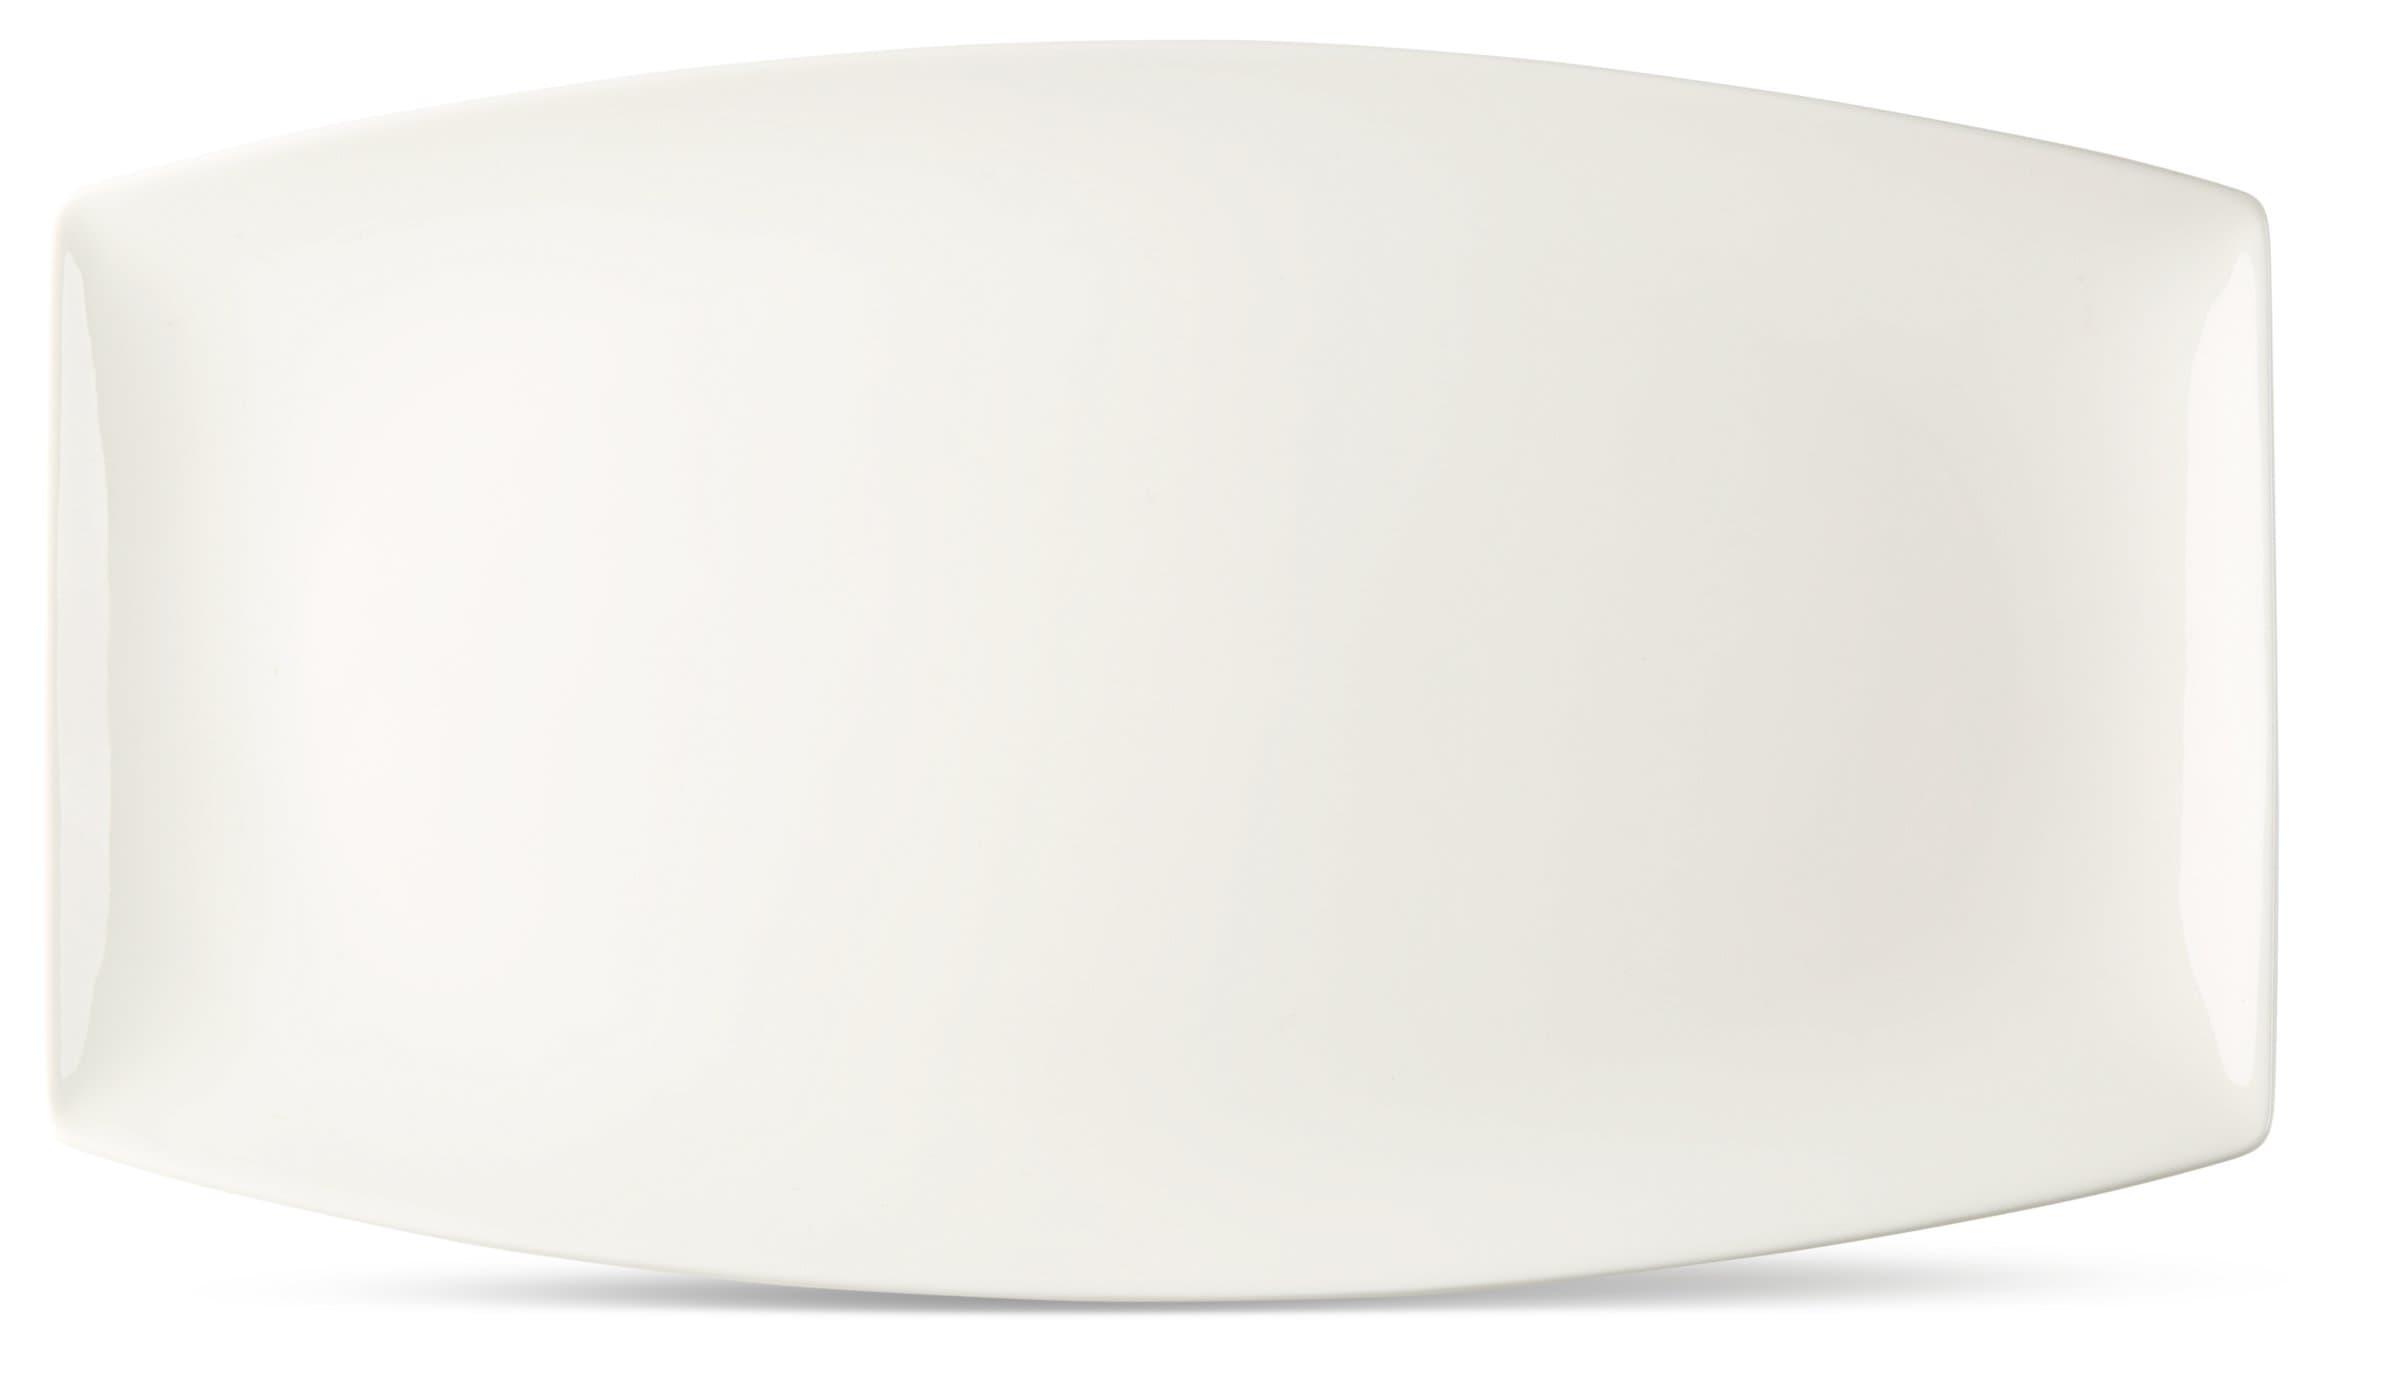 Cucina & Tavola FINE LINE Servierplatte 34x19cm